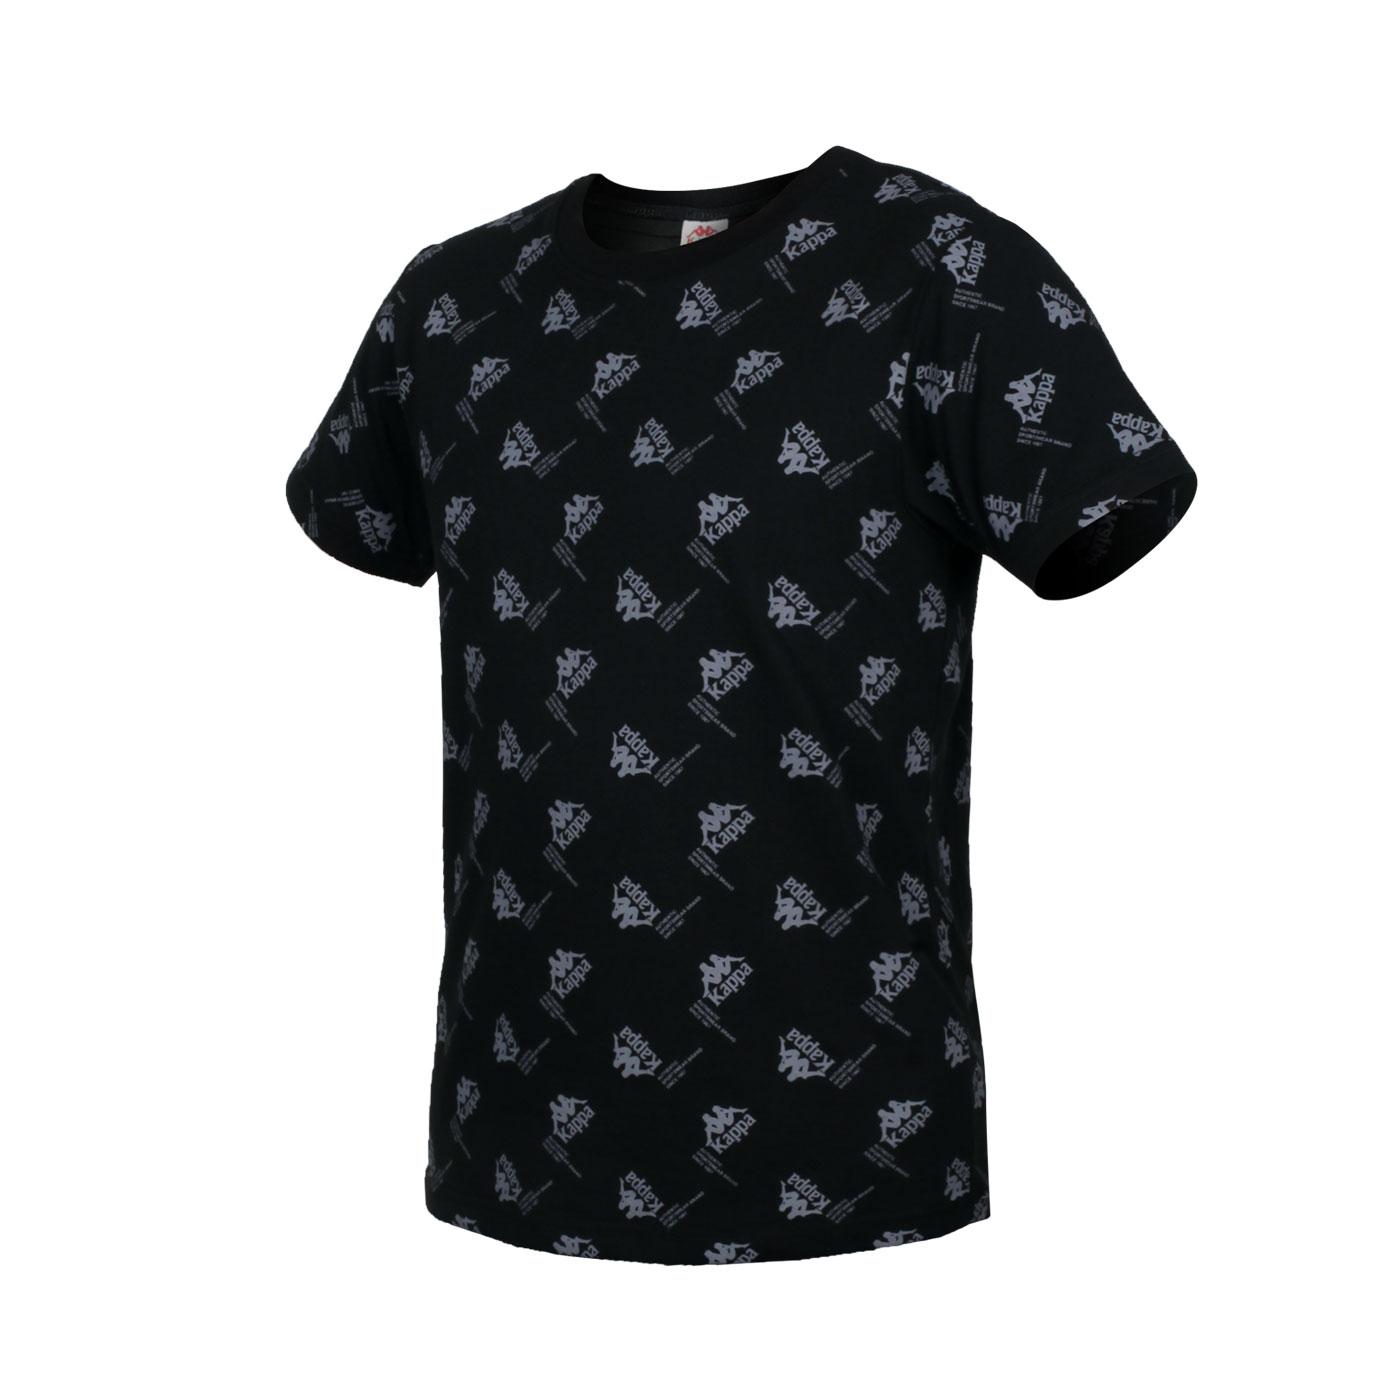 KAPPA 男款短袖T恤 321876W-005